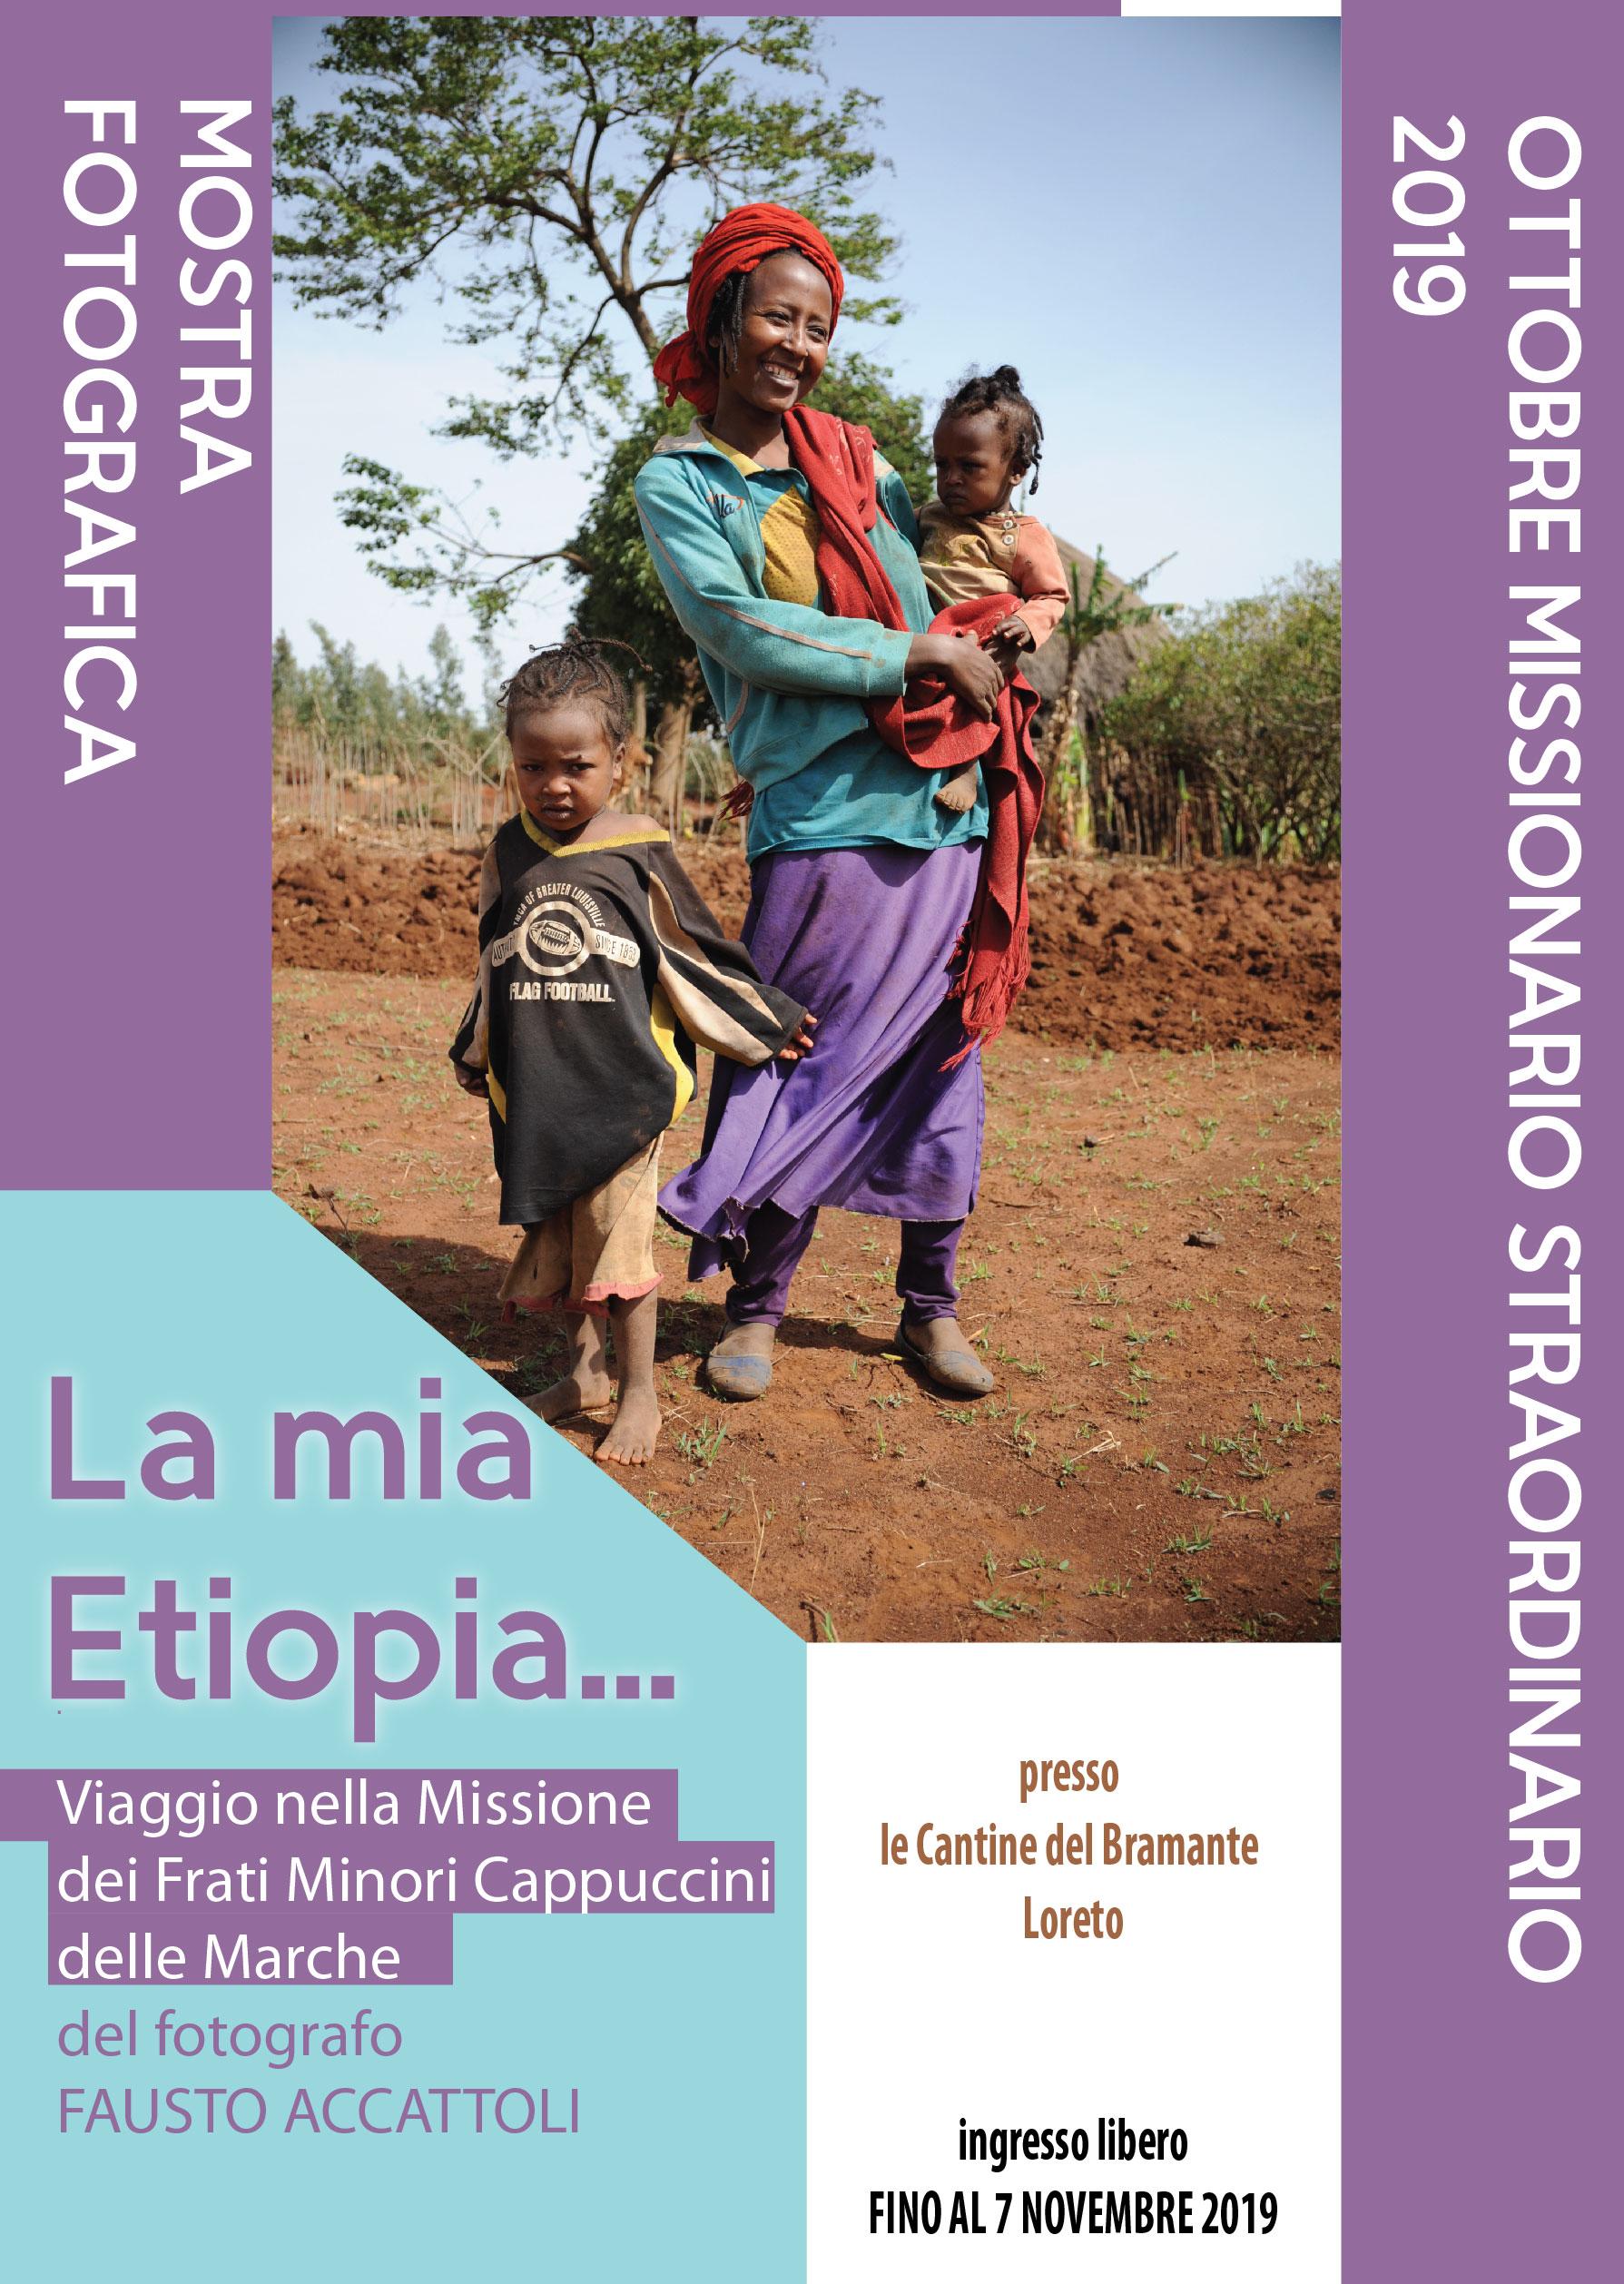 La mia Etiopia – Mostra fotografica